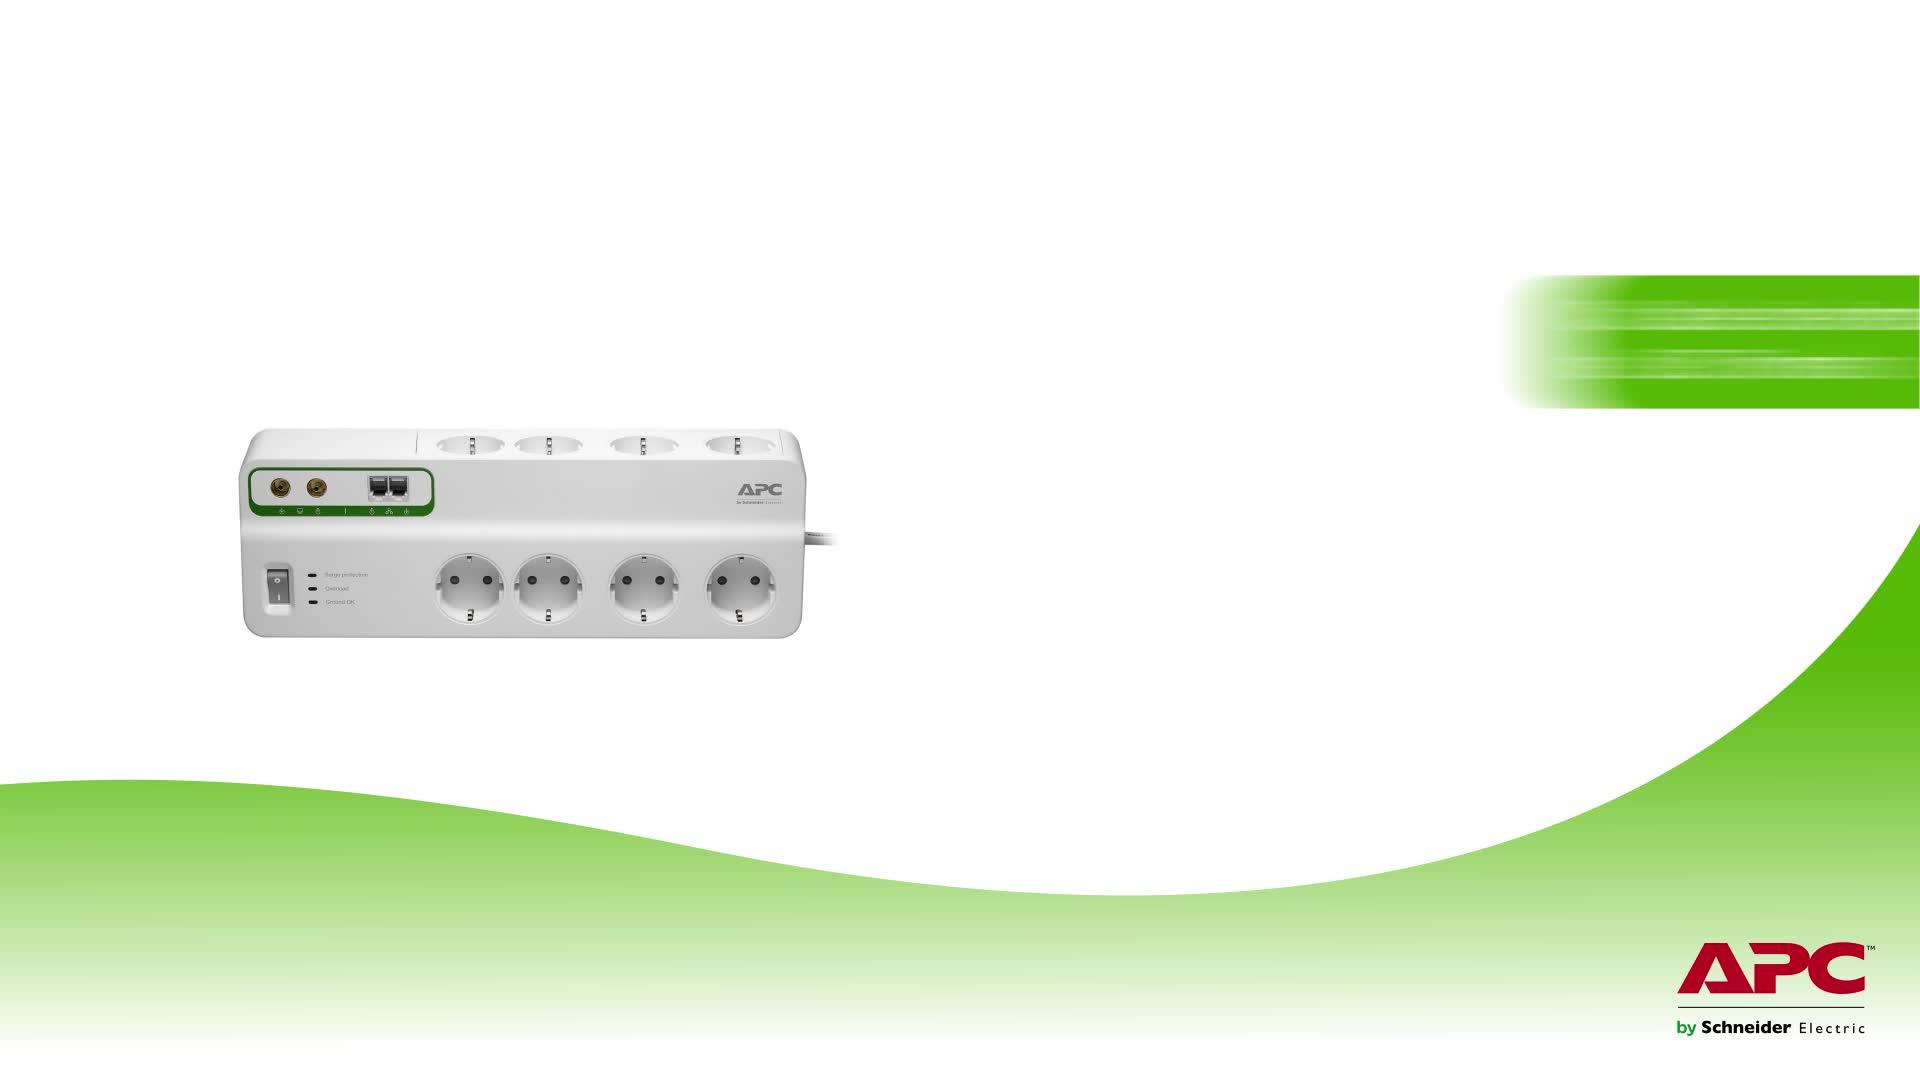 APC by Schneider Electric PMF83VT-GR Surge Arrest Performance - Regleta con protección contra subidas y picos de tensión, Incluyendo protección línea ...